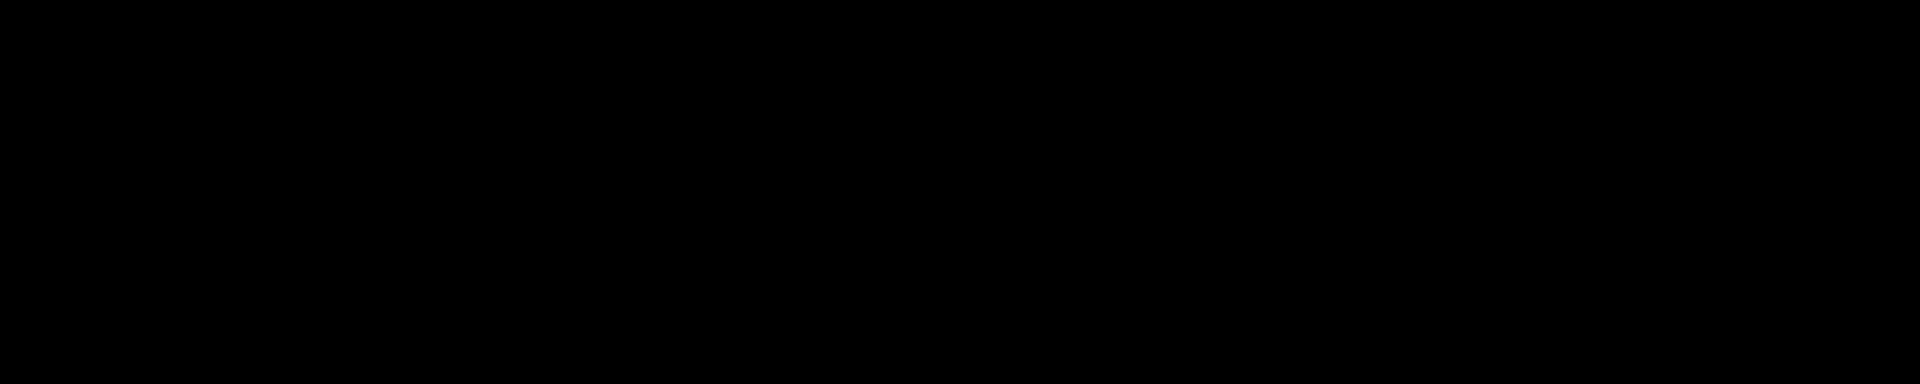 SPID (AMFETAMIN)